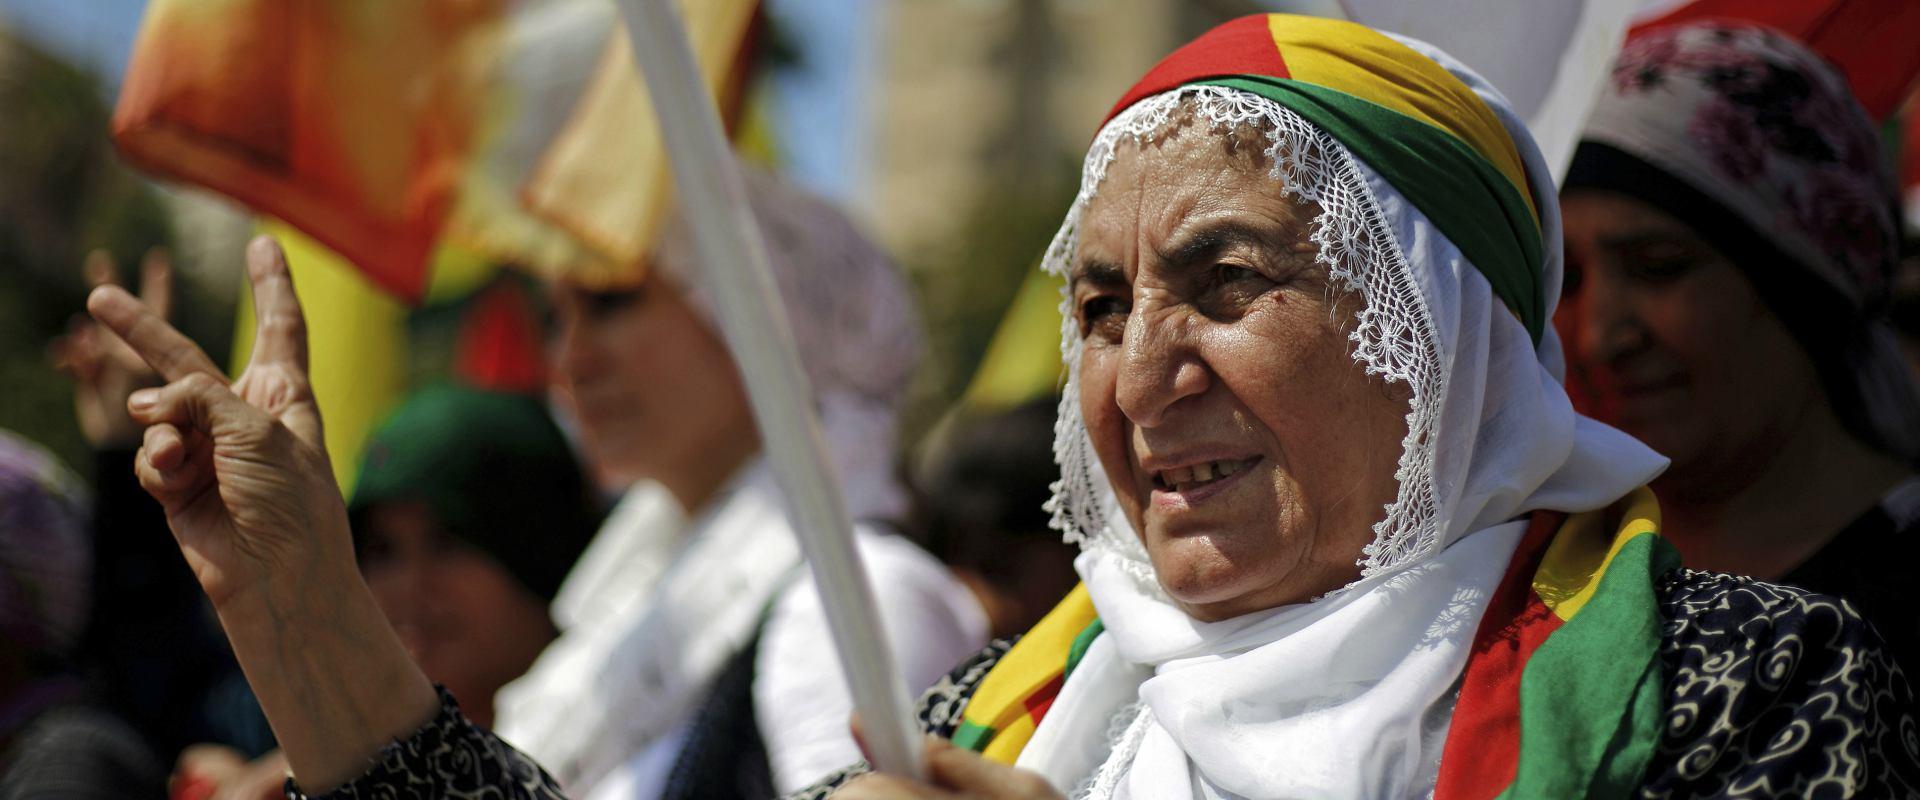 אזרחים עיראקים ממוצא כורדי בעצרת תמיכה בעצמאות החב